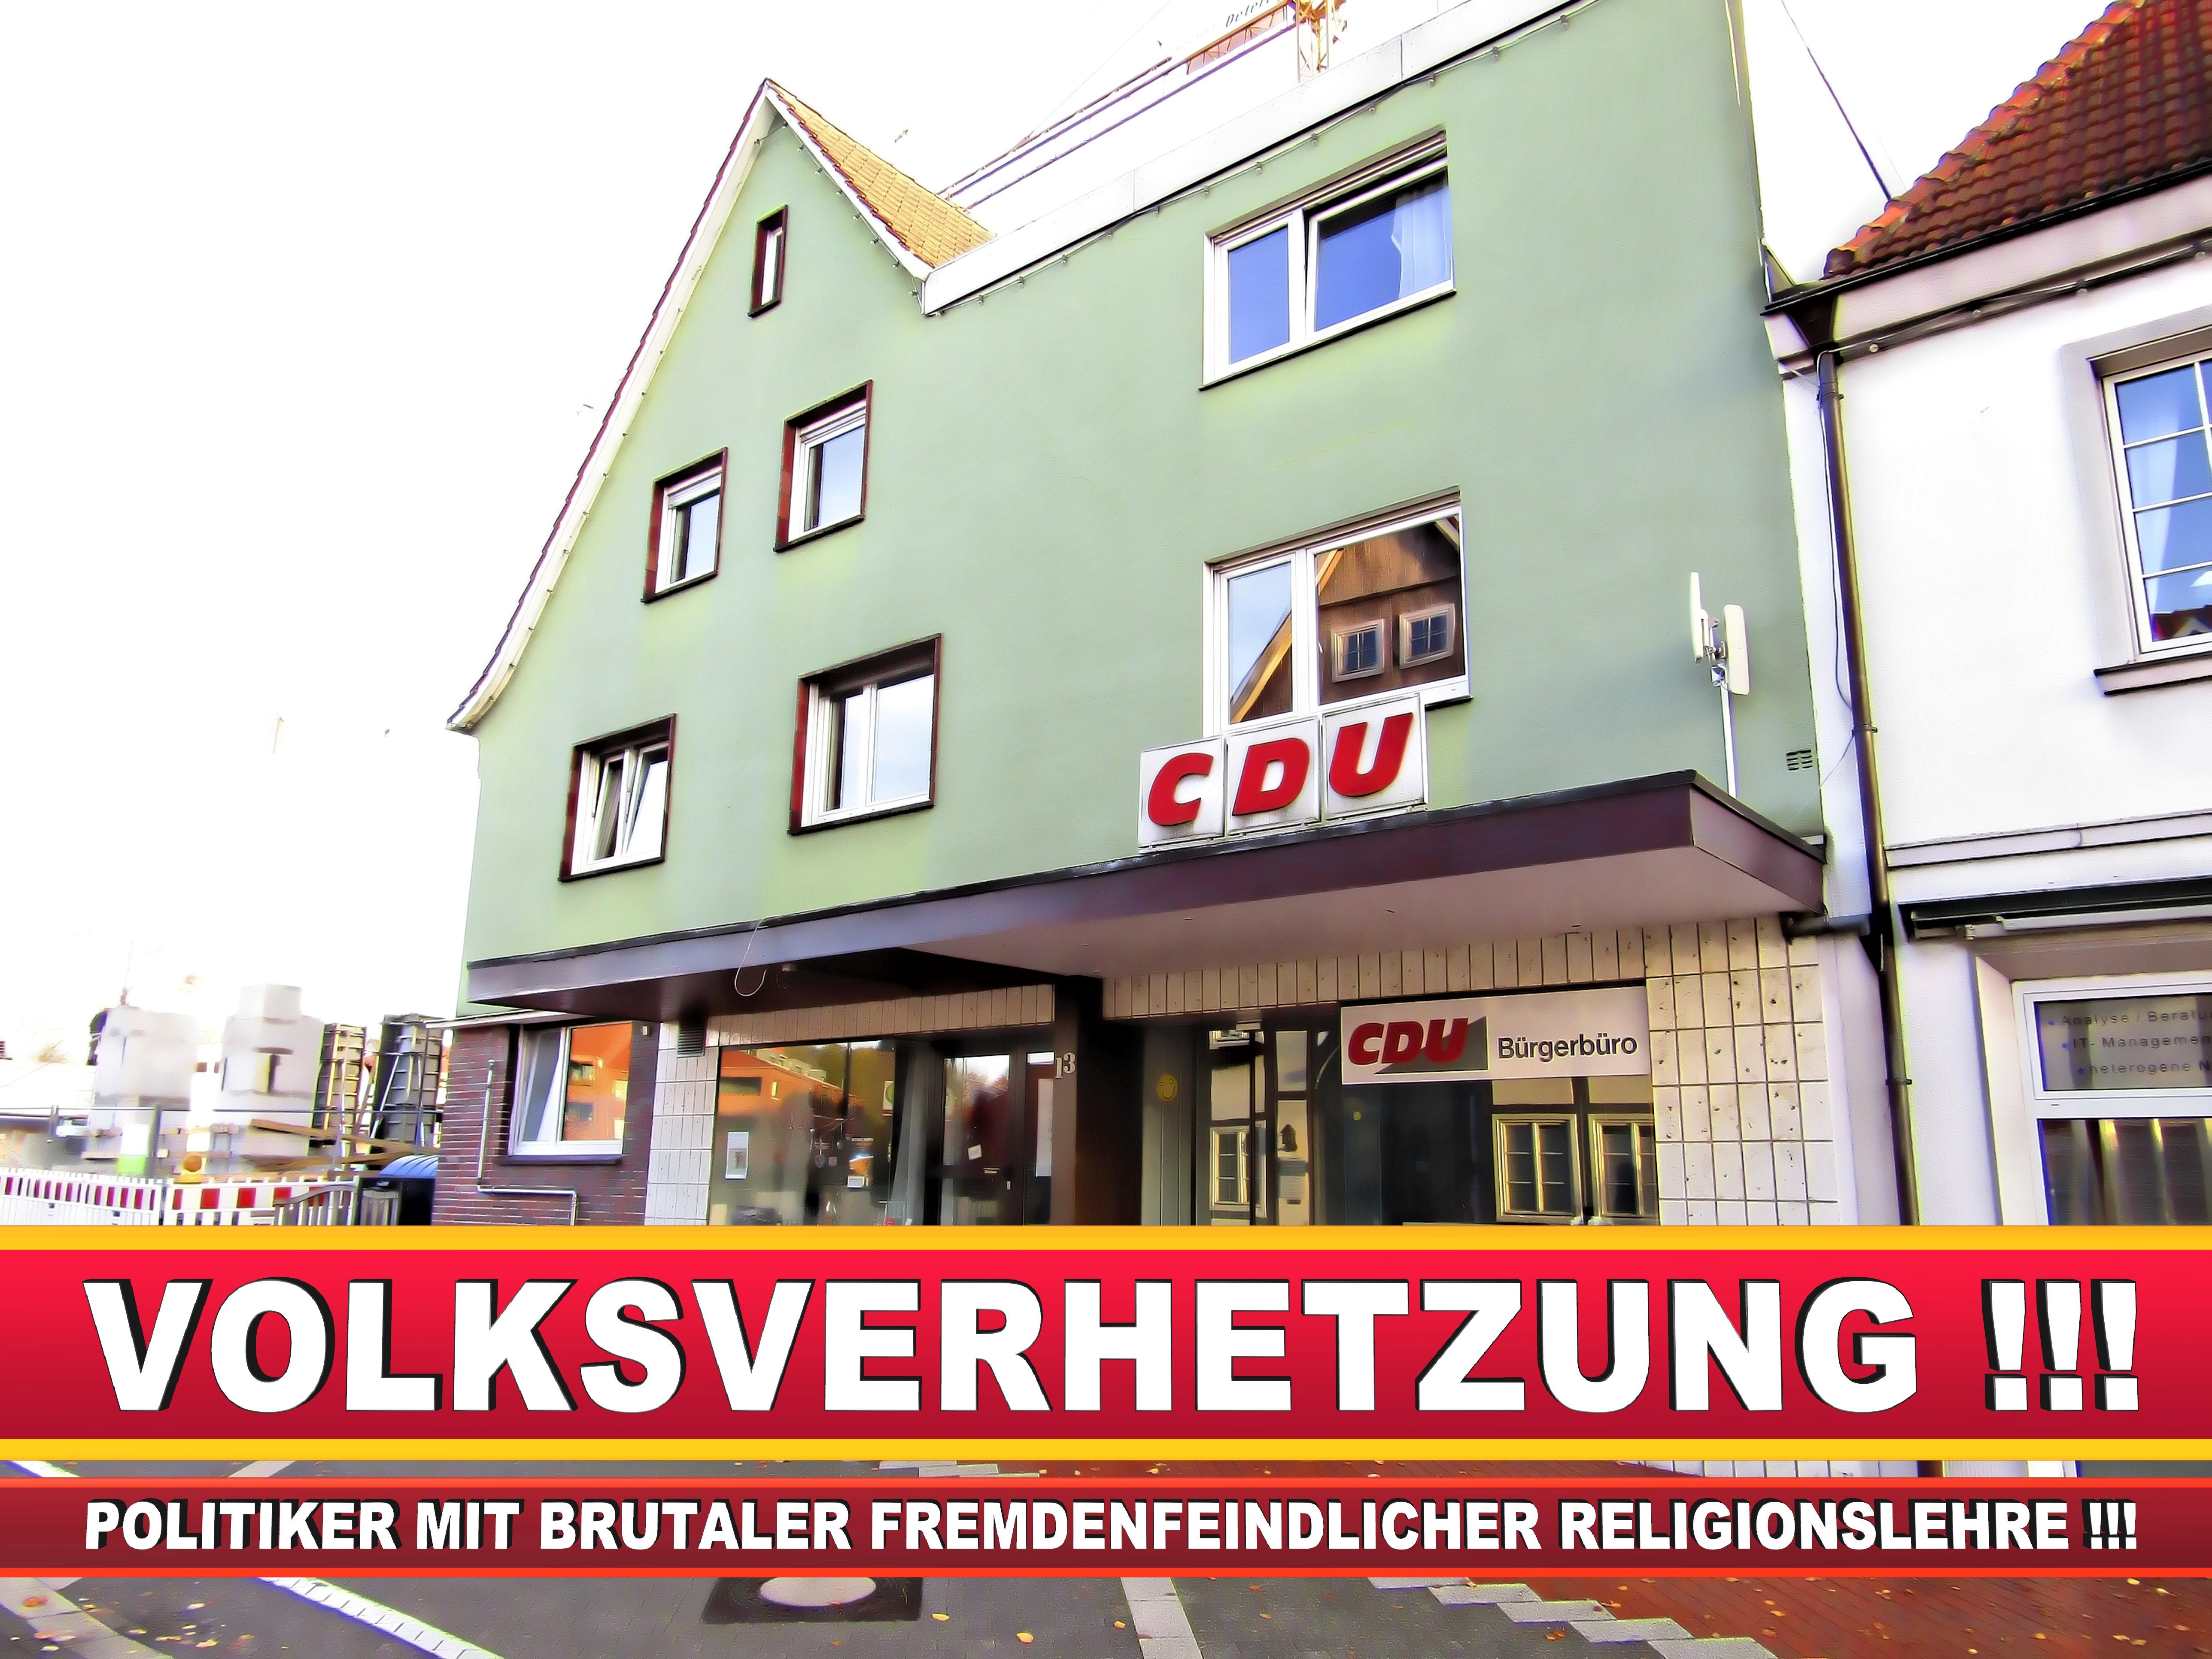 CDU GEMEINDEVERBAND STEINHAGEN AM MARKT 13 33803 STEINHAGEN NRW ORTSVERBAND CDU STEINHAGEN (14)